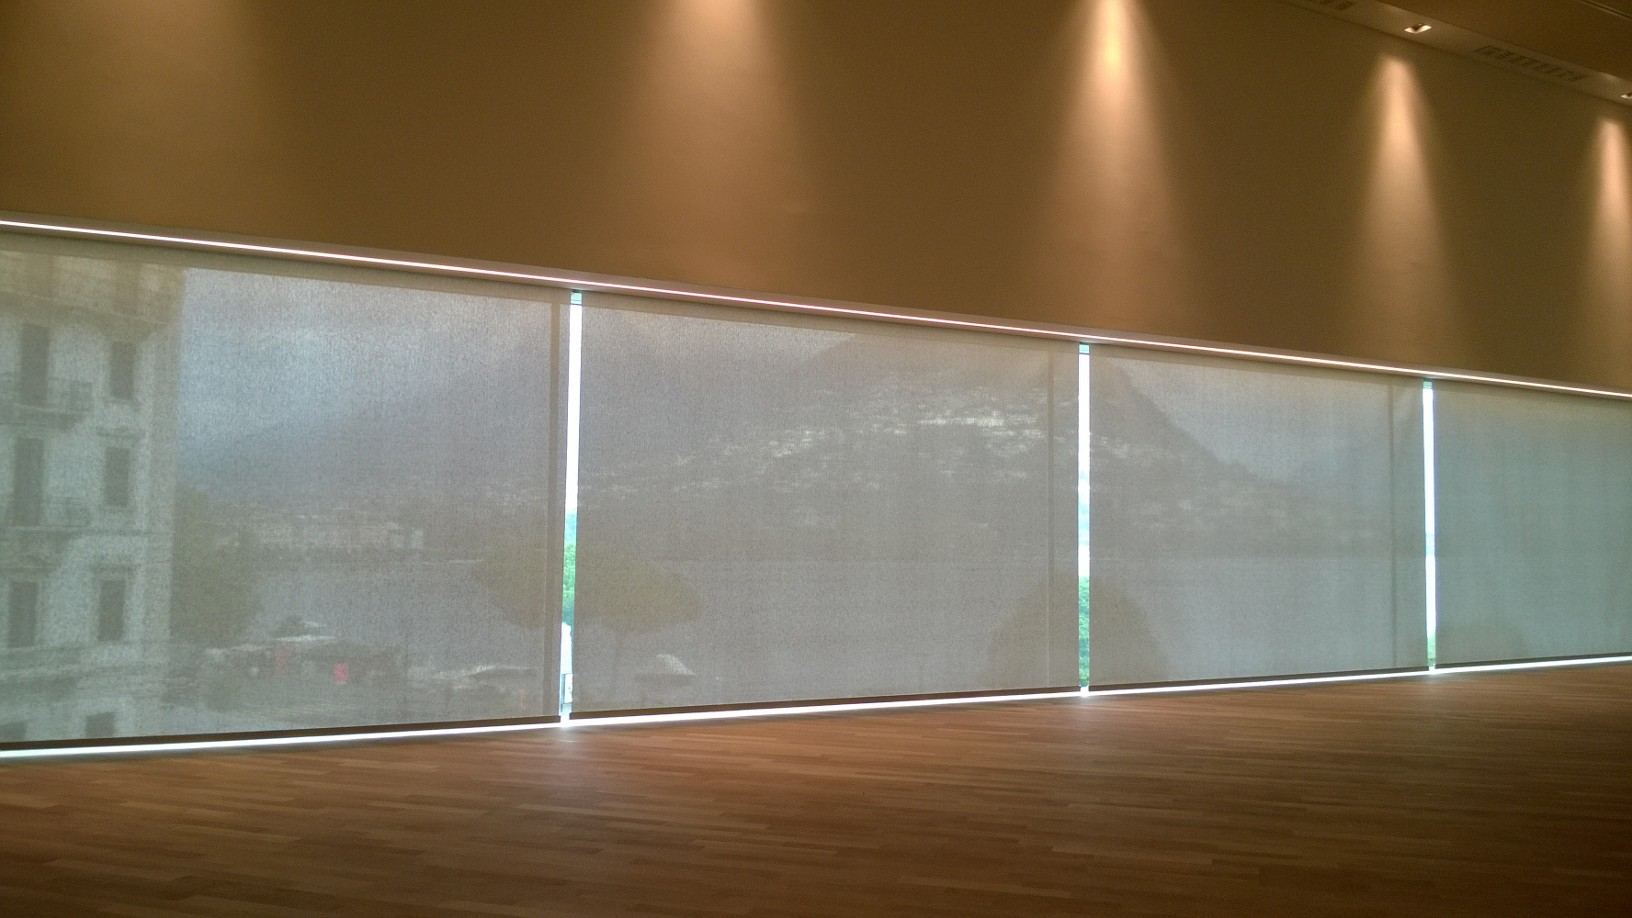 Tende interne nell'area destinata a museo, per le tende è stato utlizzato il tessuto Soltis 99.